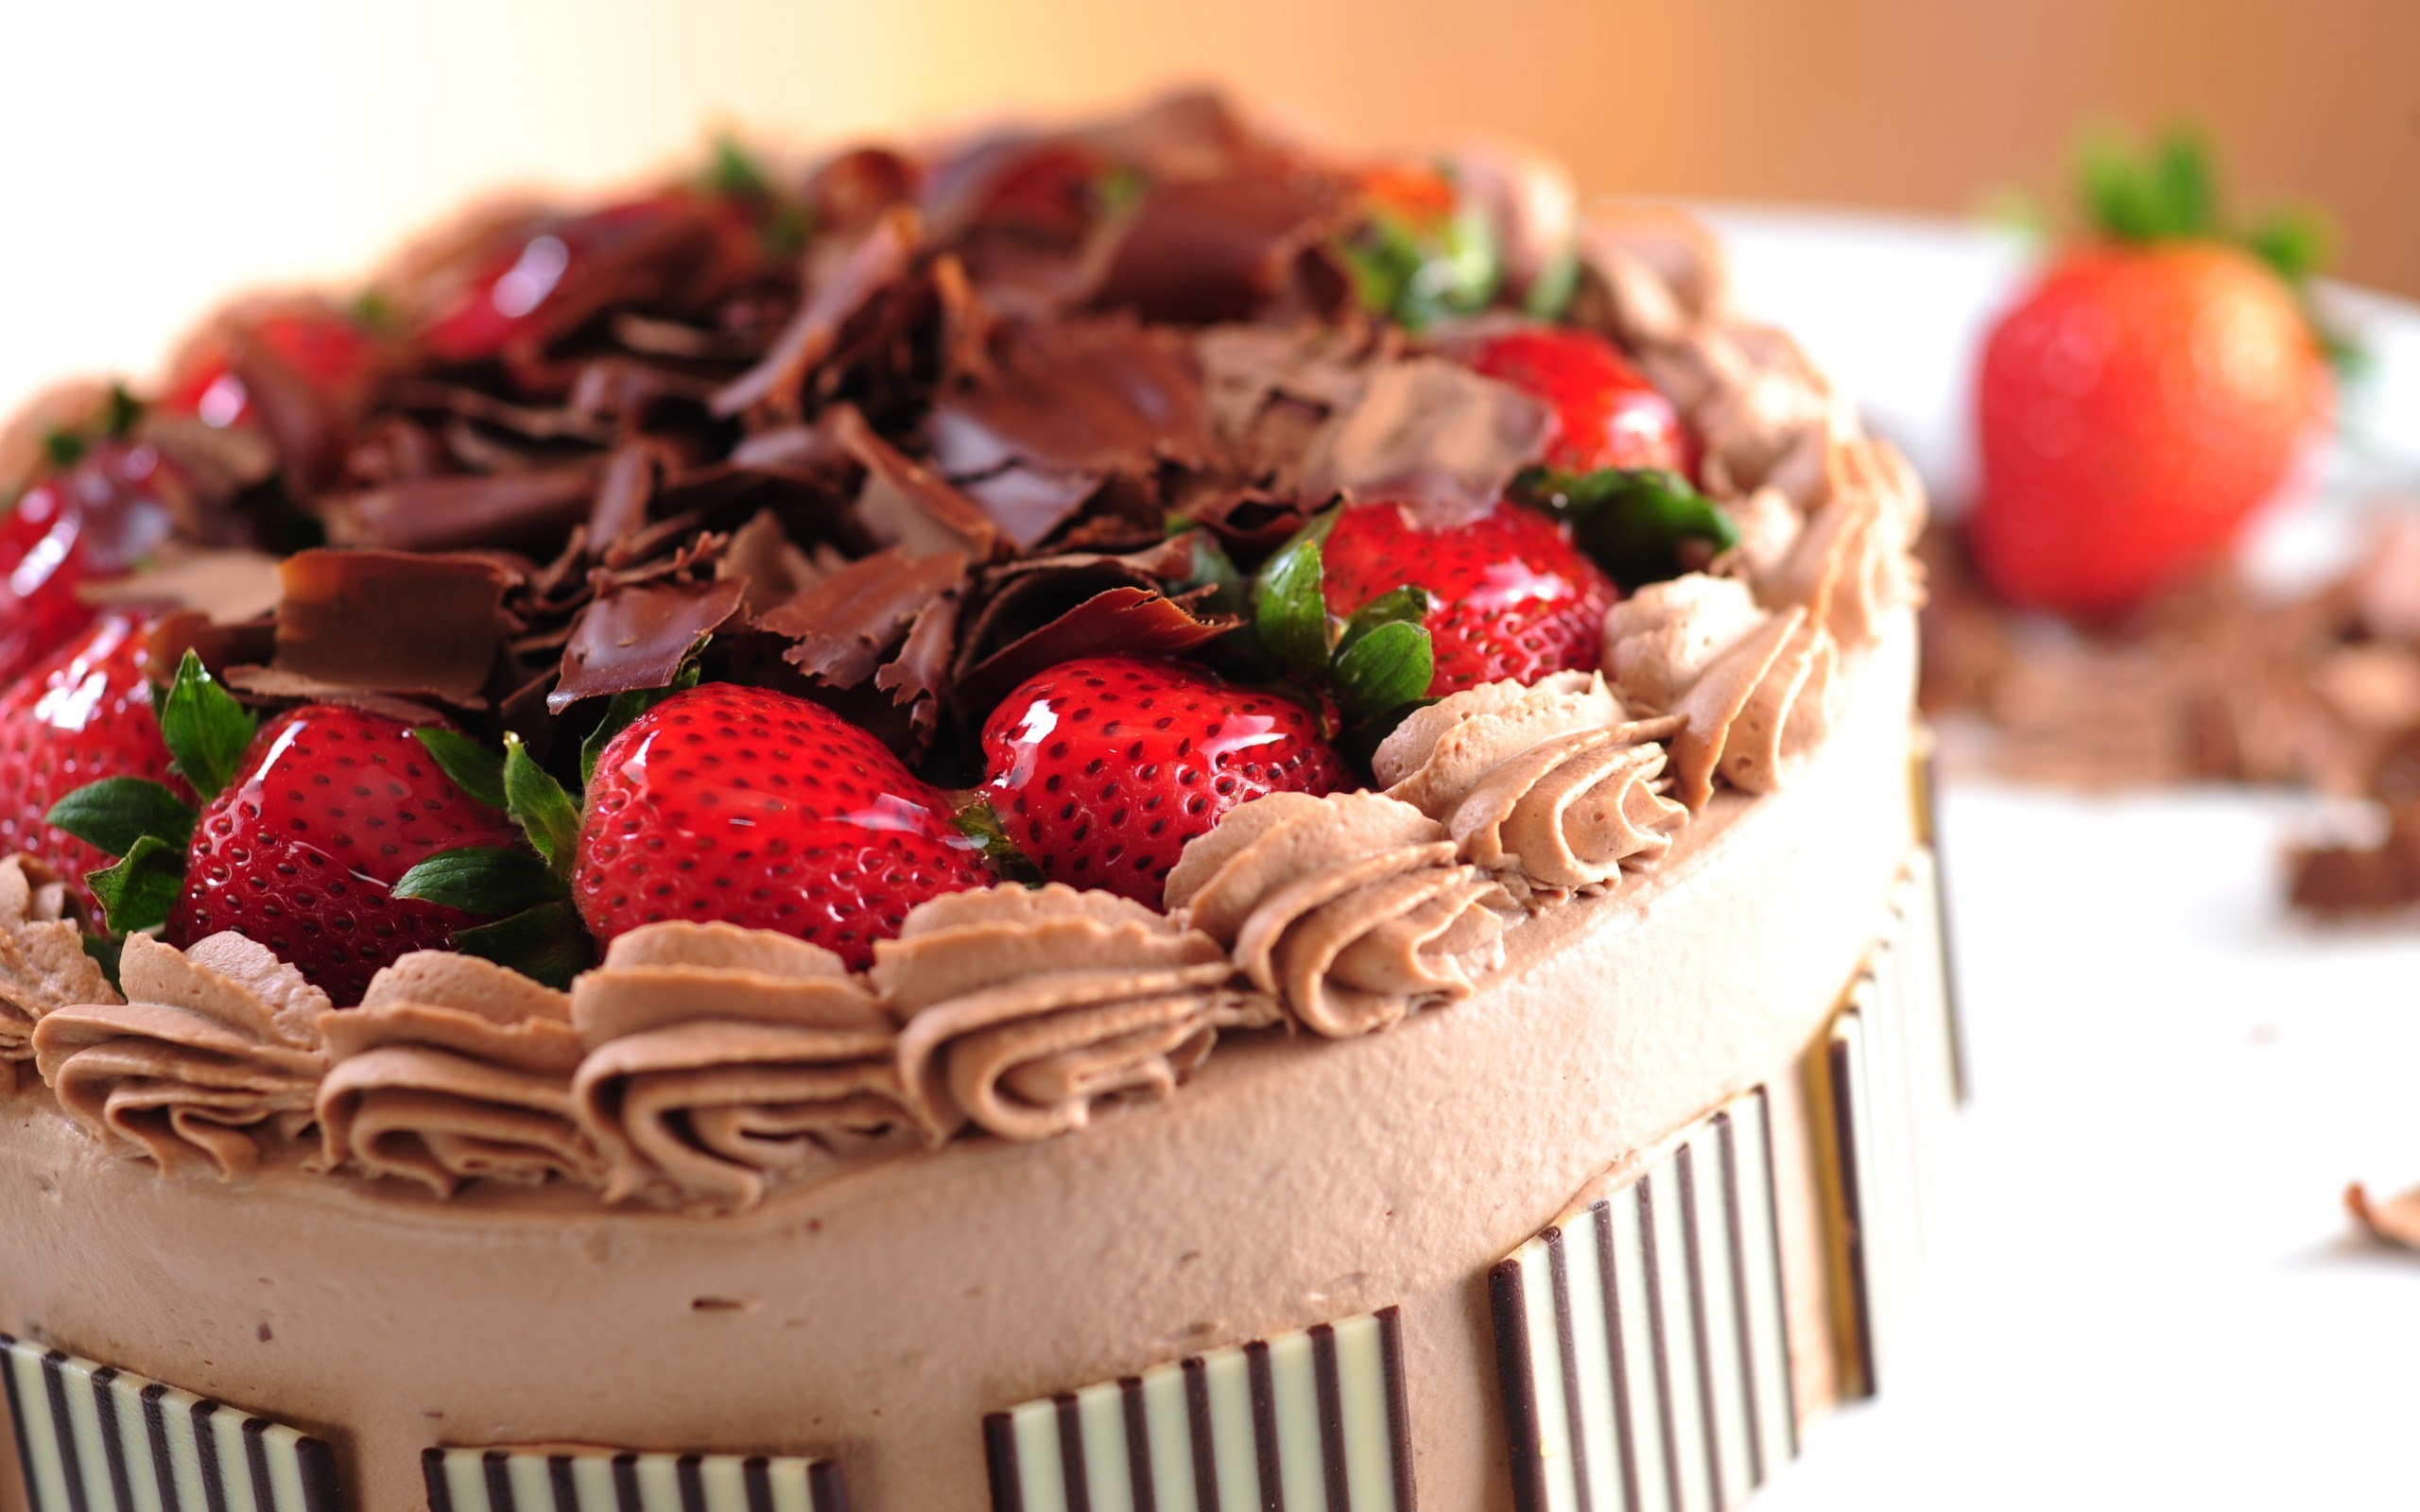 Lovely Dessert Cake Wallpaper 44548